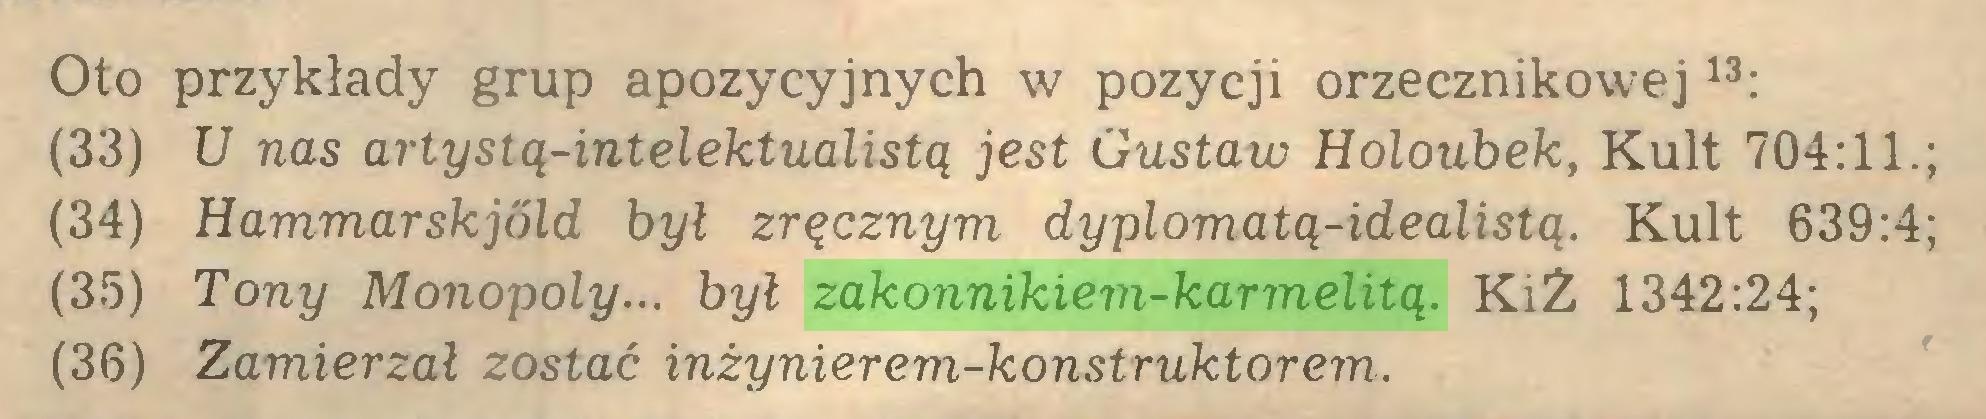 (...) Oto przykłady grup apozycyjnych w pozycji orzecznikowej13: (33) U nas artystą-intelektualistą jest Gustaw Holoubek, Kult 704:11.; (34) Hammarskjóld był zręcznym dyplomatą-idealistą. Kult 639:4; (35) Tony Monopoly... był zakonnikiem-karmelitą. KiŻ 1342:24; (36) Zamierzał zostać inżynierem-konstruktorem...